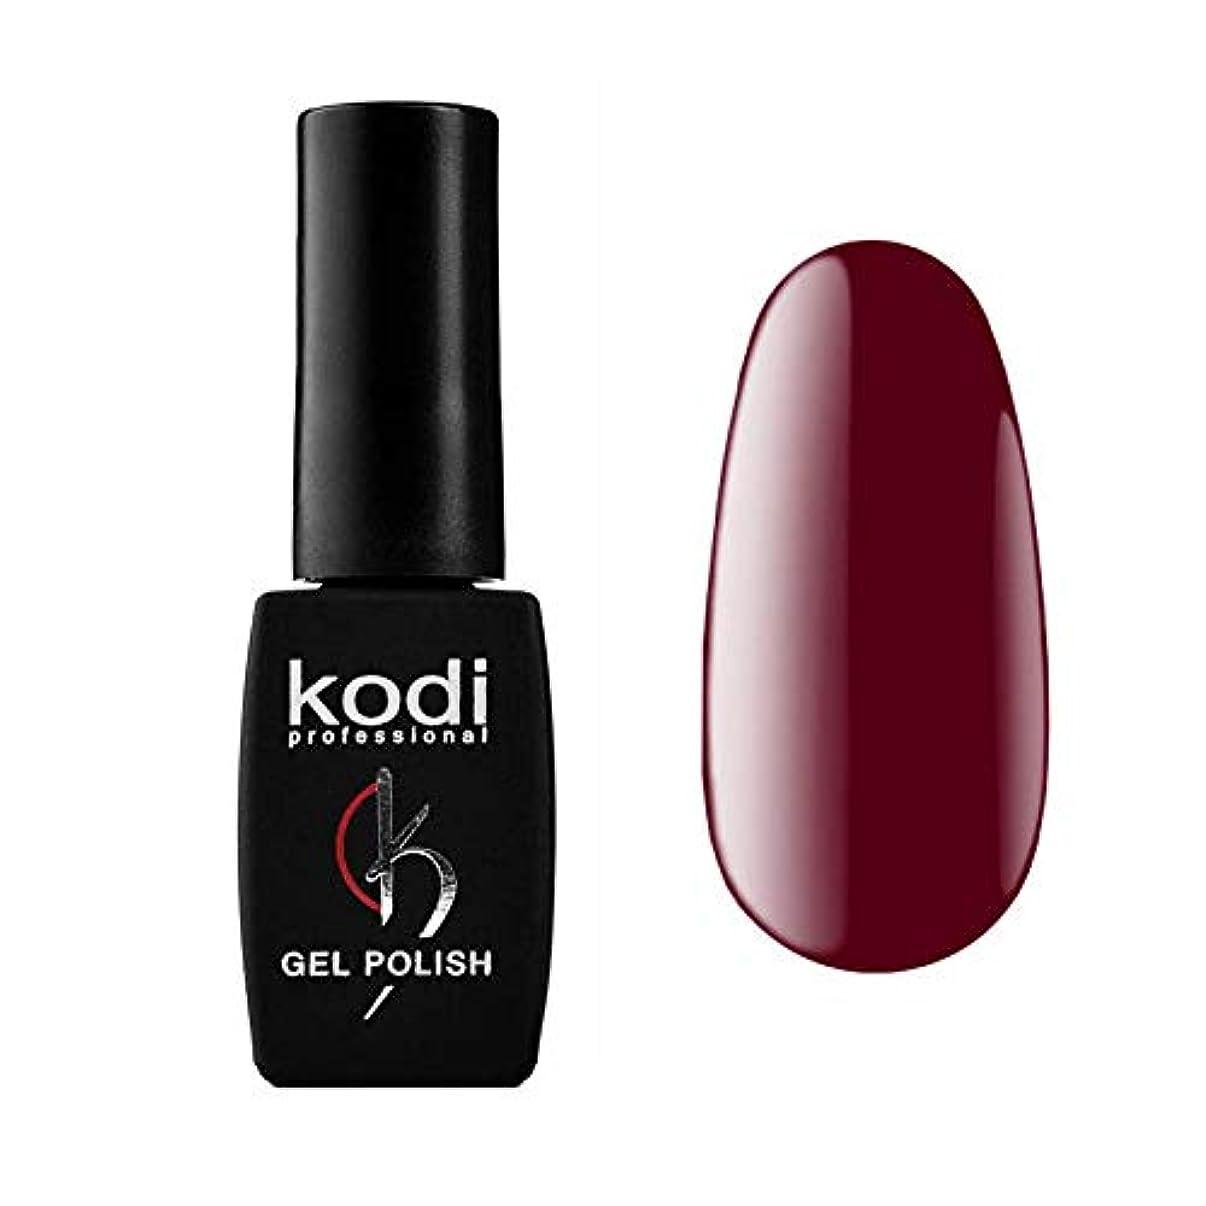 ポルティコシーズン各Kodi Professional New Collection WN WINE #20 Color Gel Nail Polish 12ml 0.42 Fl Oz LED UV Genuine Soak Off